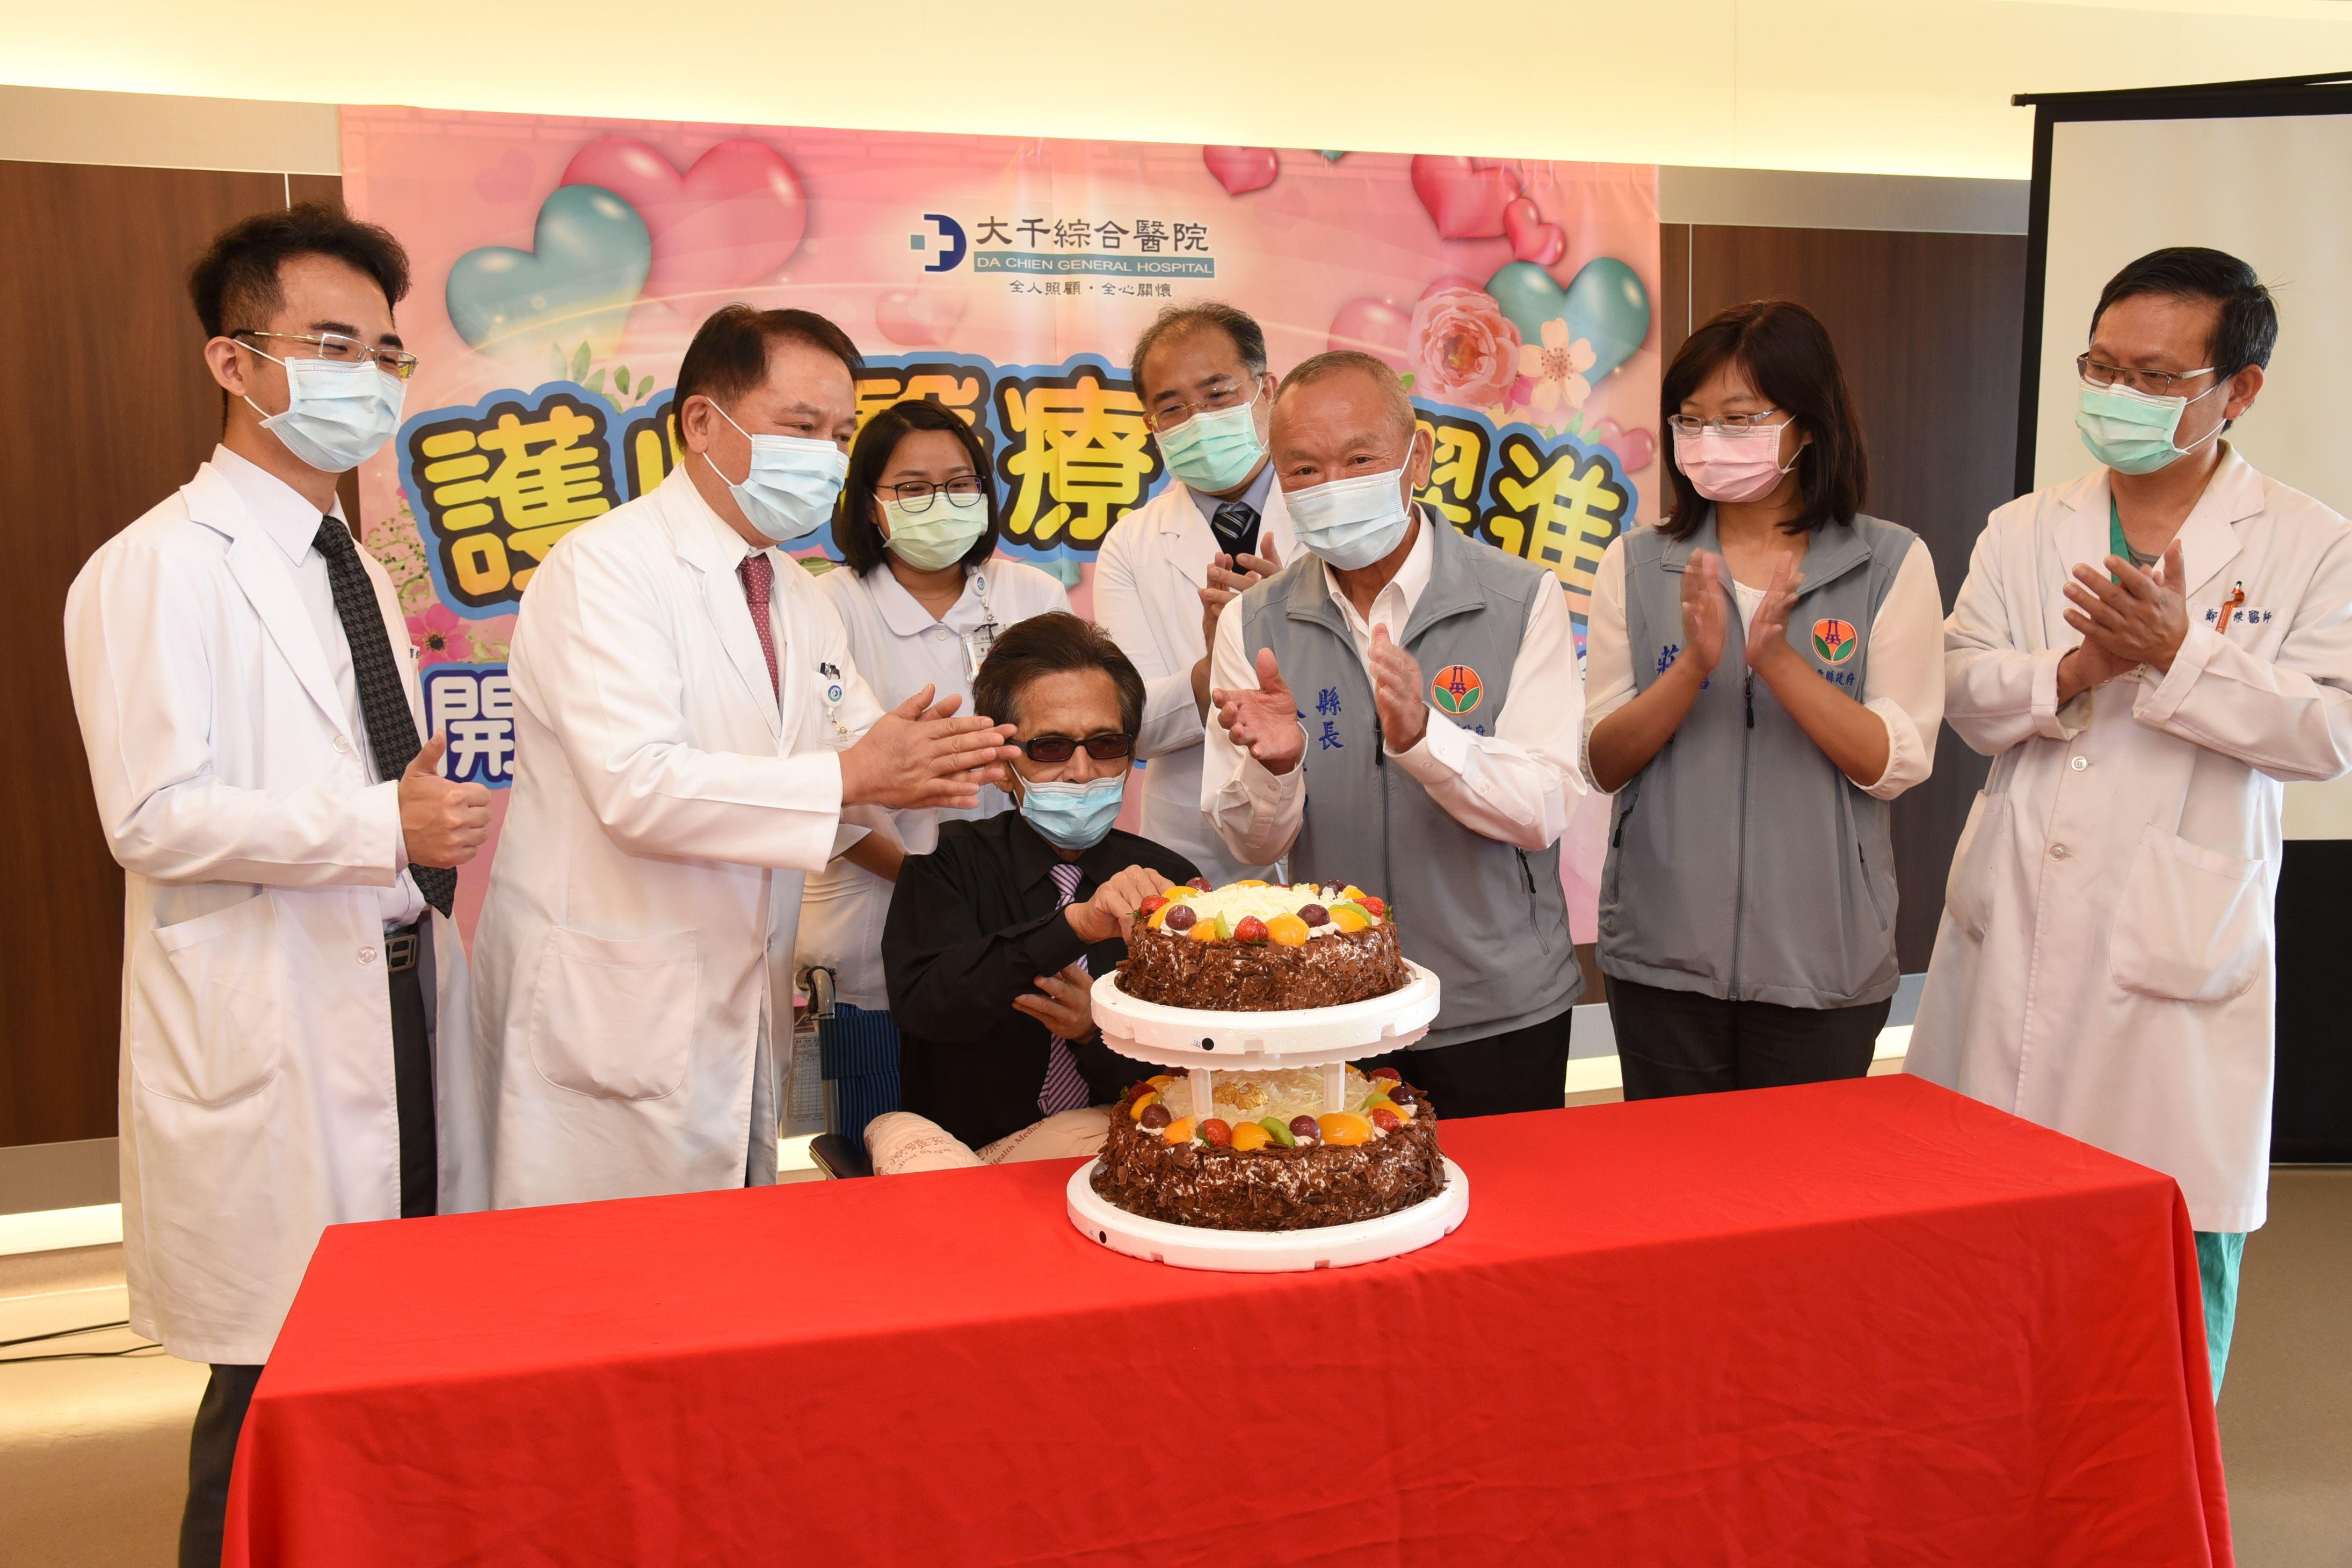 縣長與大千醫護祝賀開心手術患者重獲健康